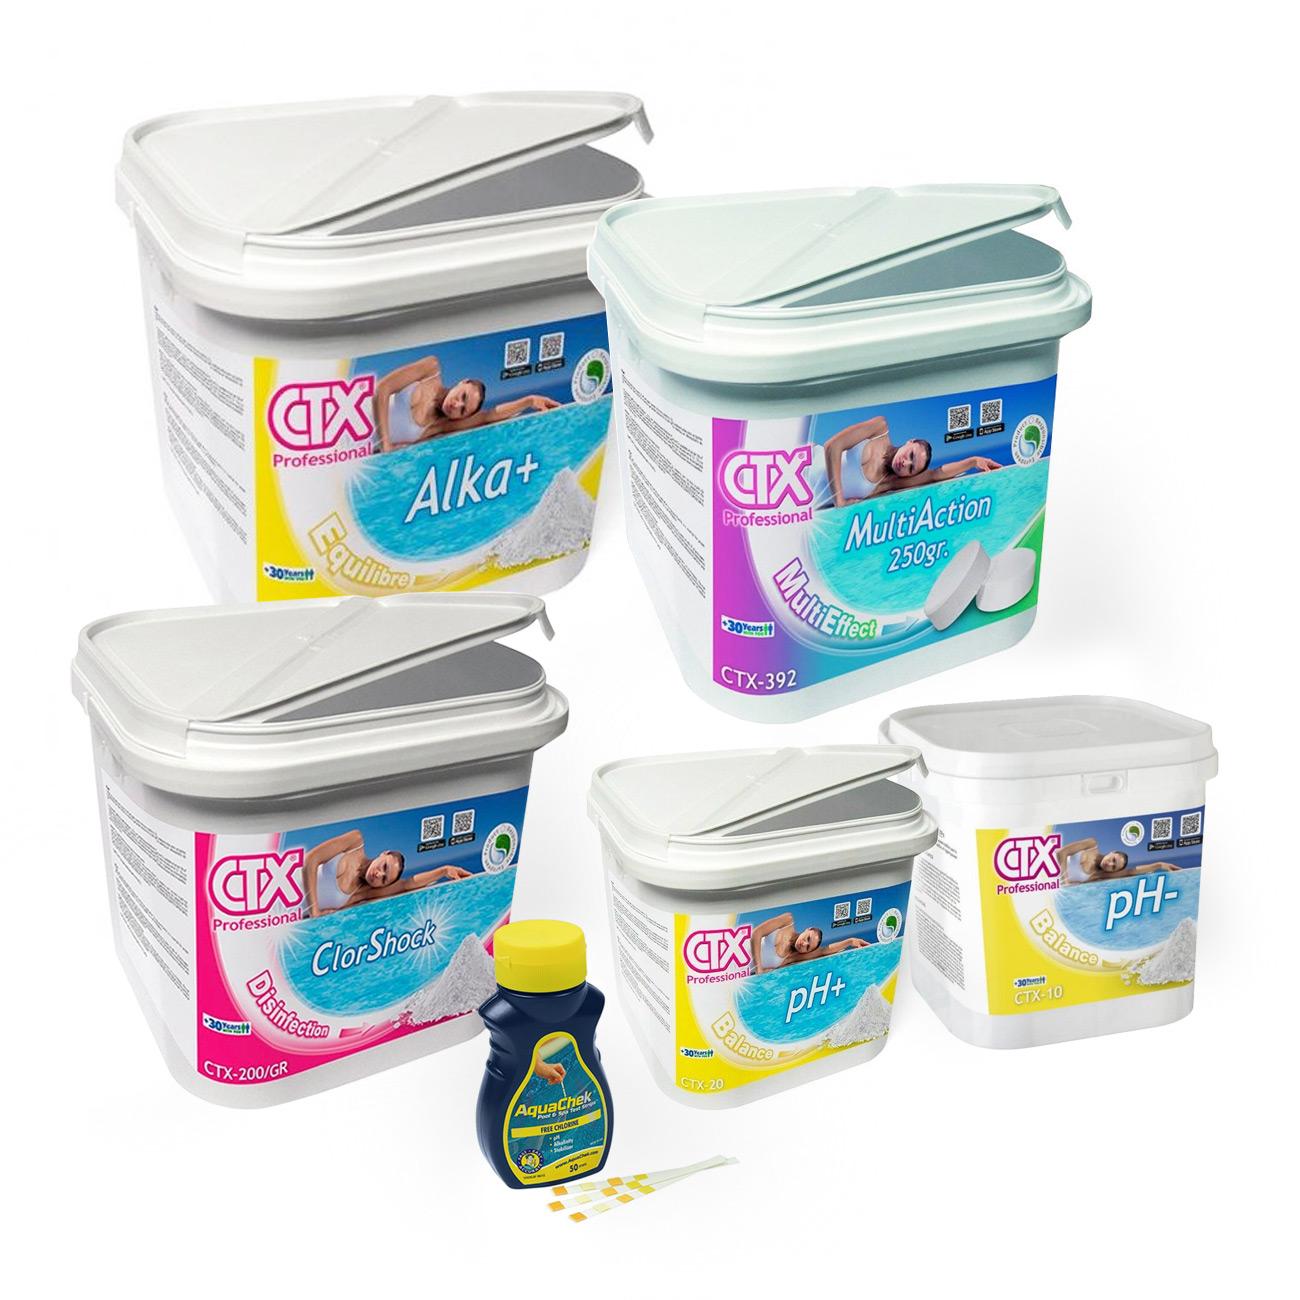 Pack Inicio de Temporada para Piscinas depuradas con pastillas de cloro (6 productos)